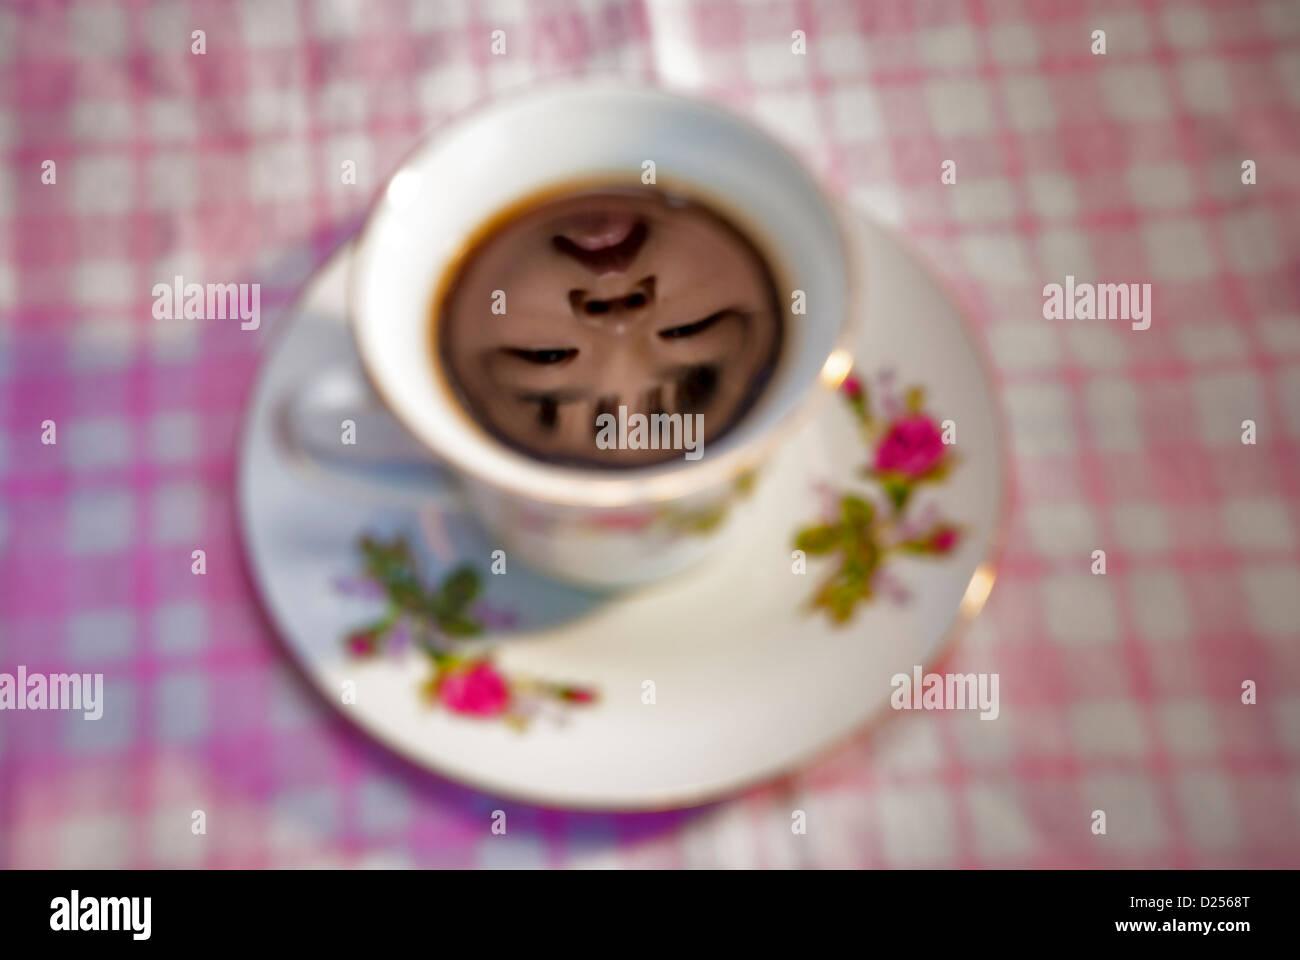 Taza de café negro con el reflejo de un rostro humano Imagen De Stock